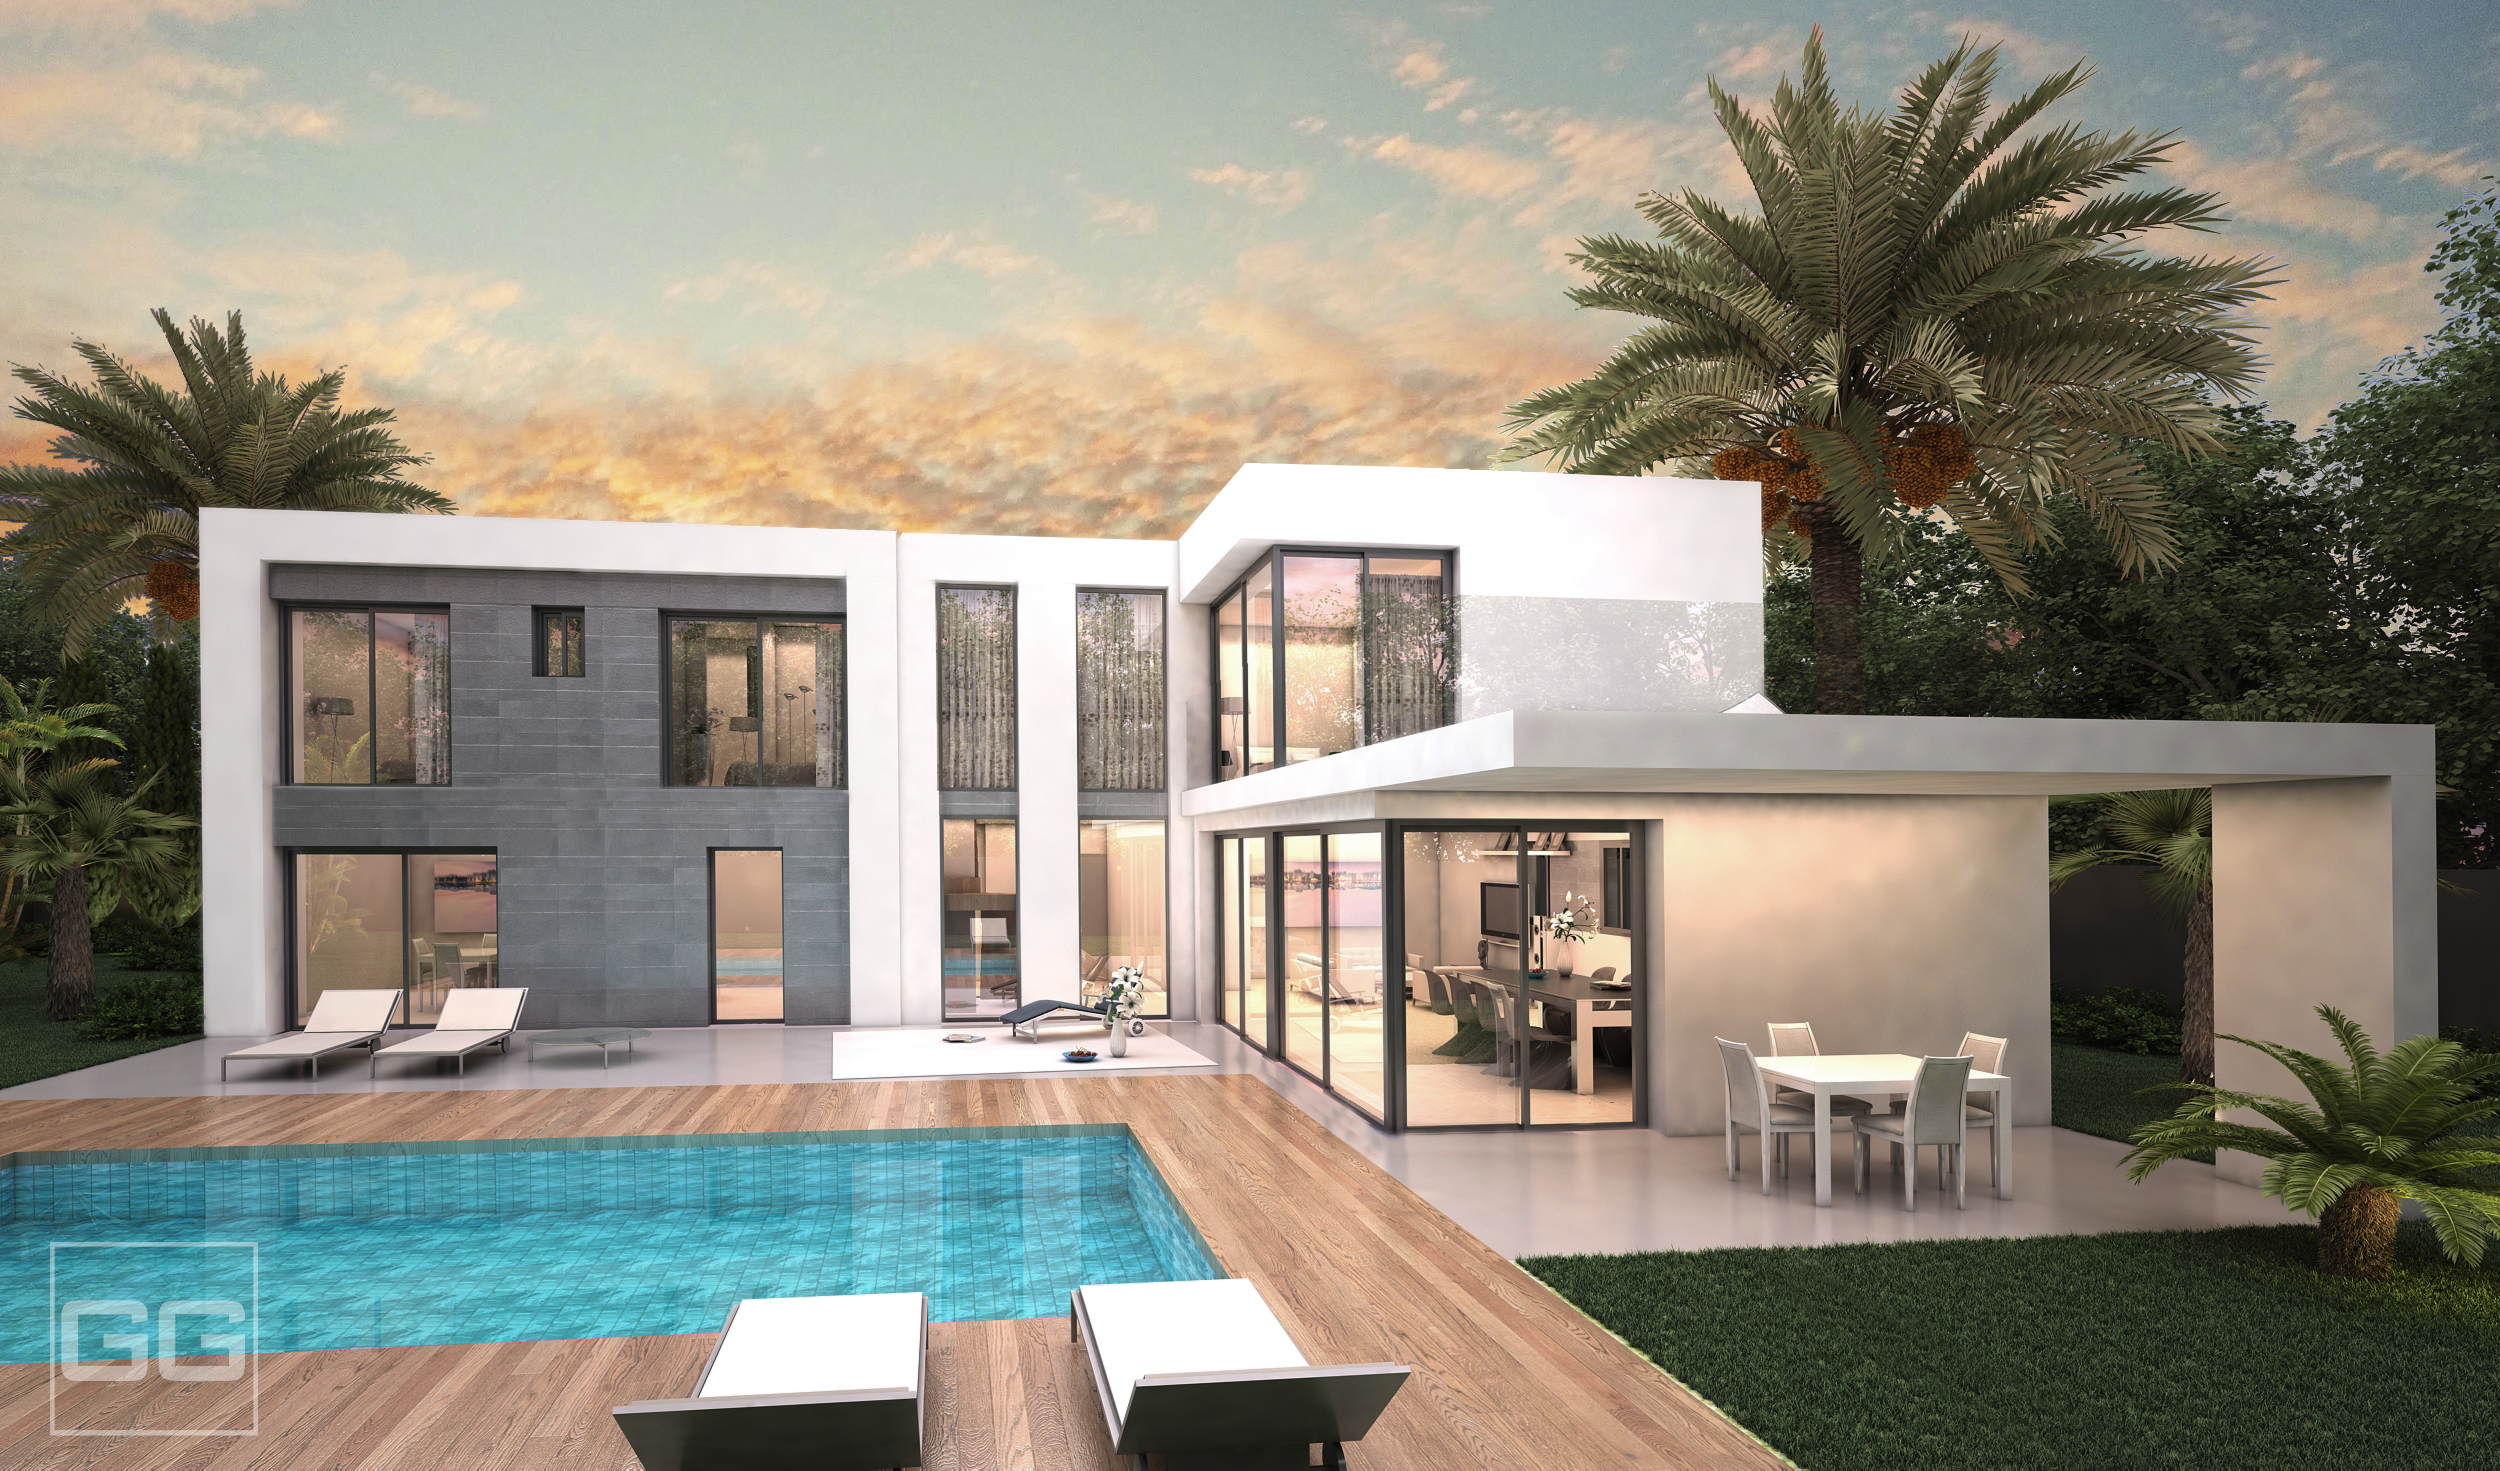 New Build in Alicante